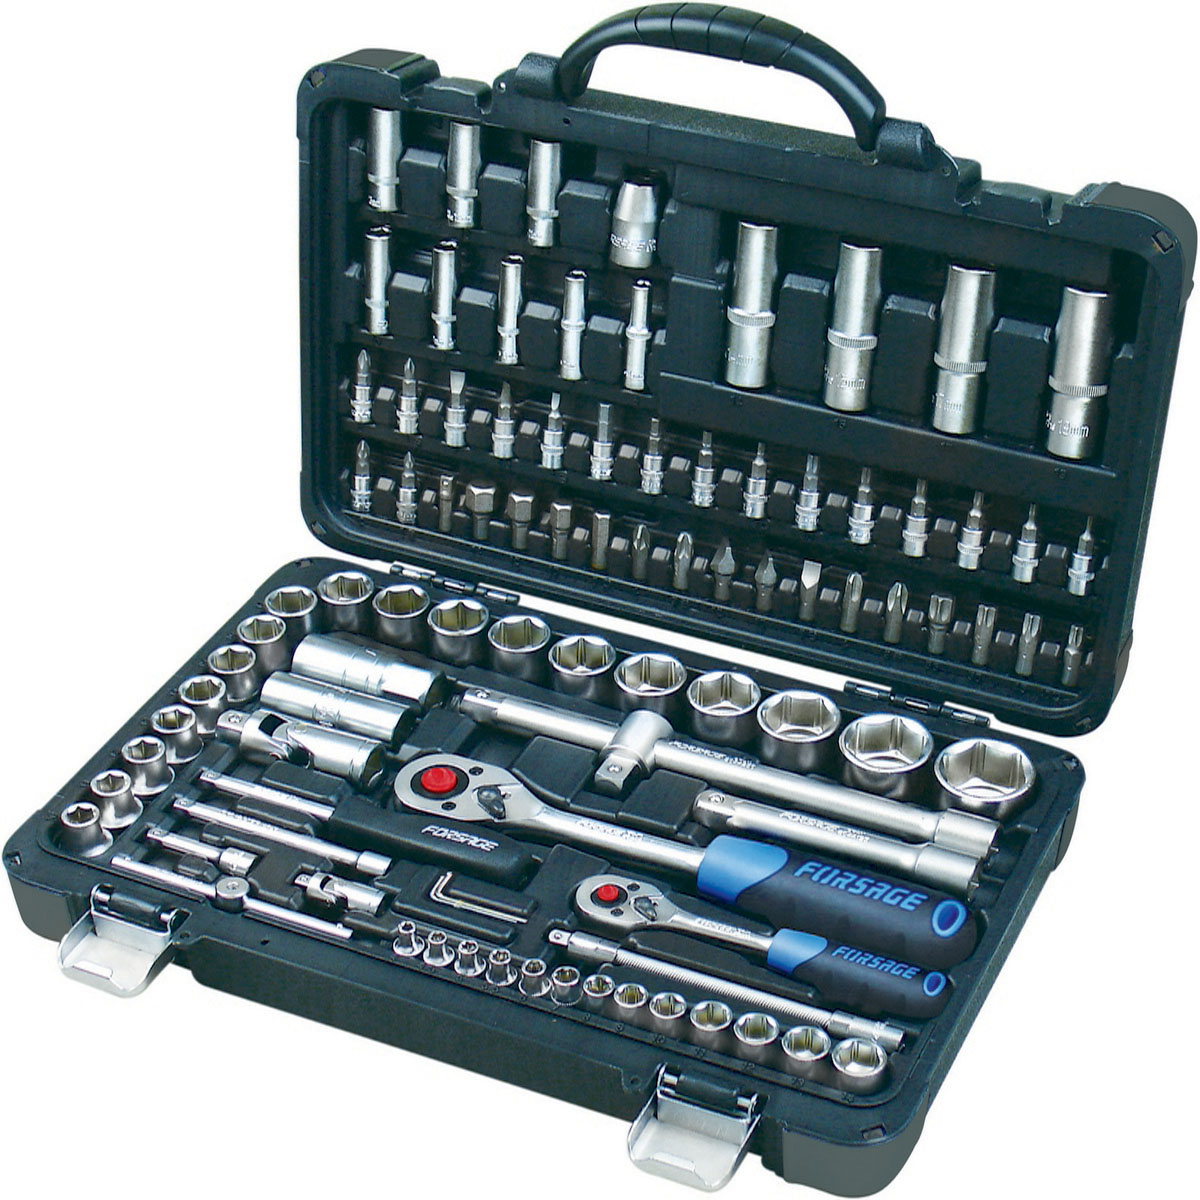 Набор инструментов универсальный Forsage, 94 предмета. 4941-5 колодка торм 2108 15 1117 19 2170 72 2190 94 пер к т bosch